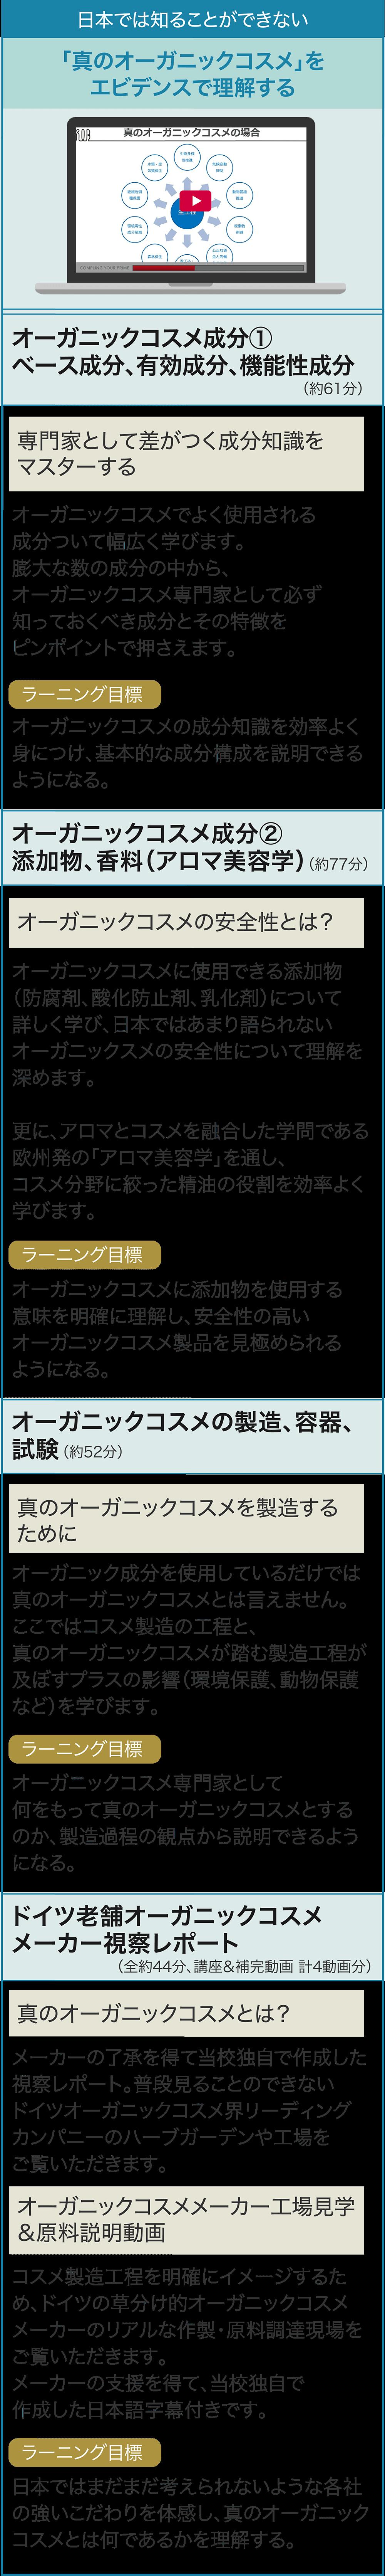 日本では知ることができない「真のオーガニックコスメ」をエビデンスで理解する